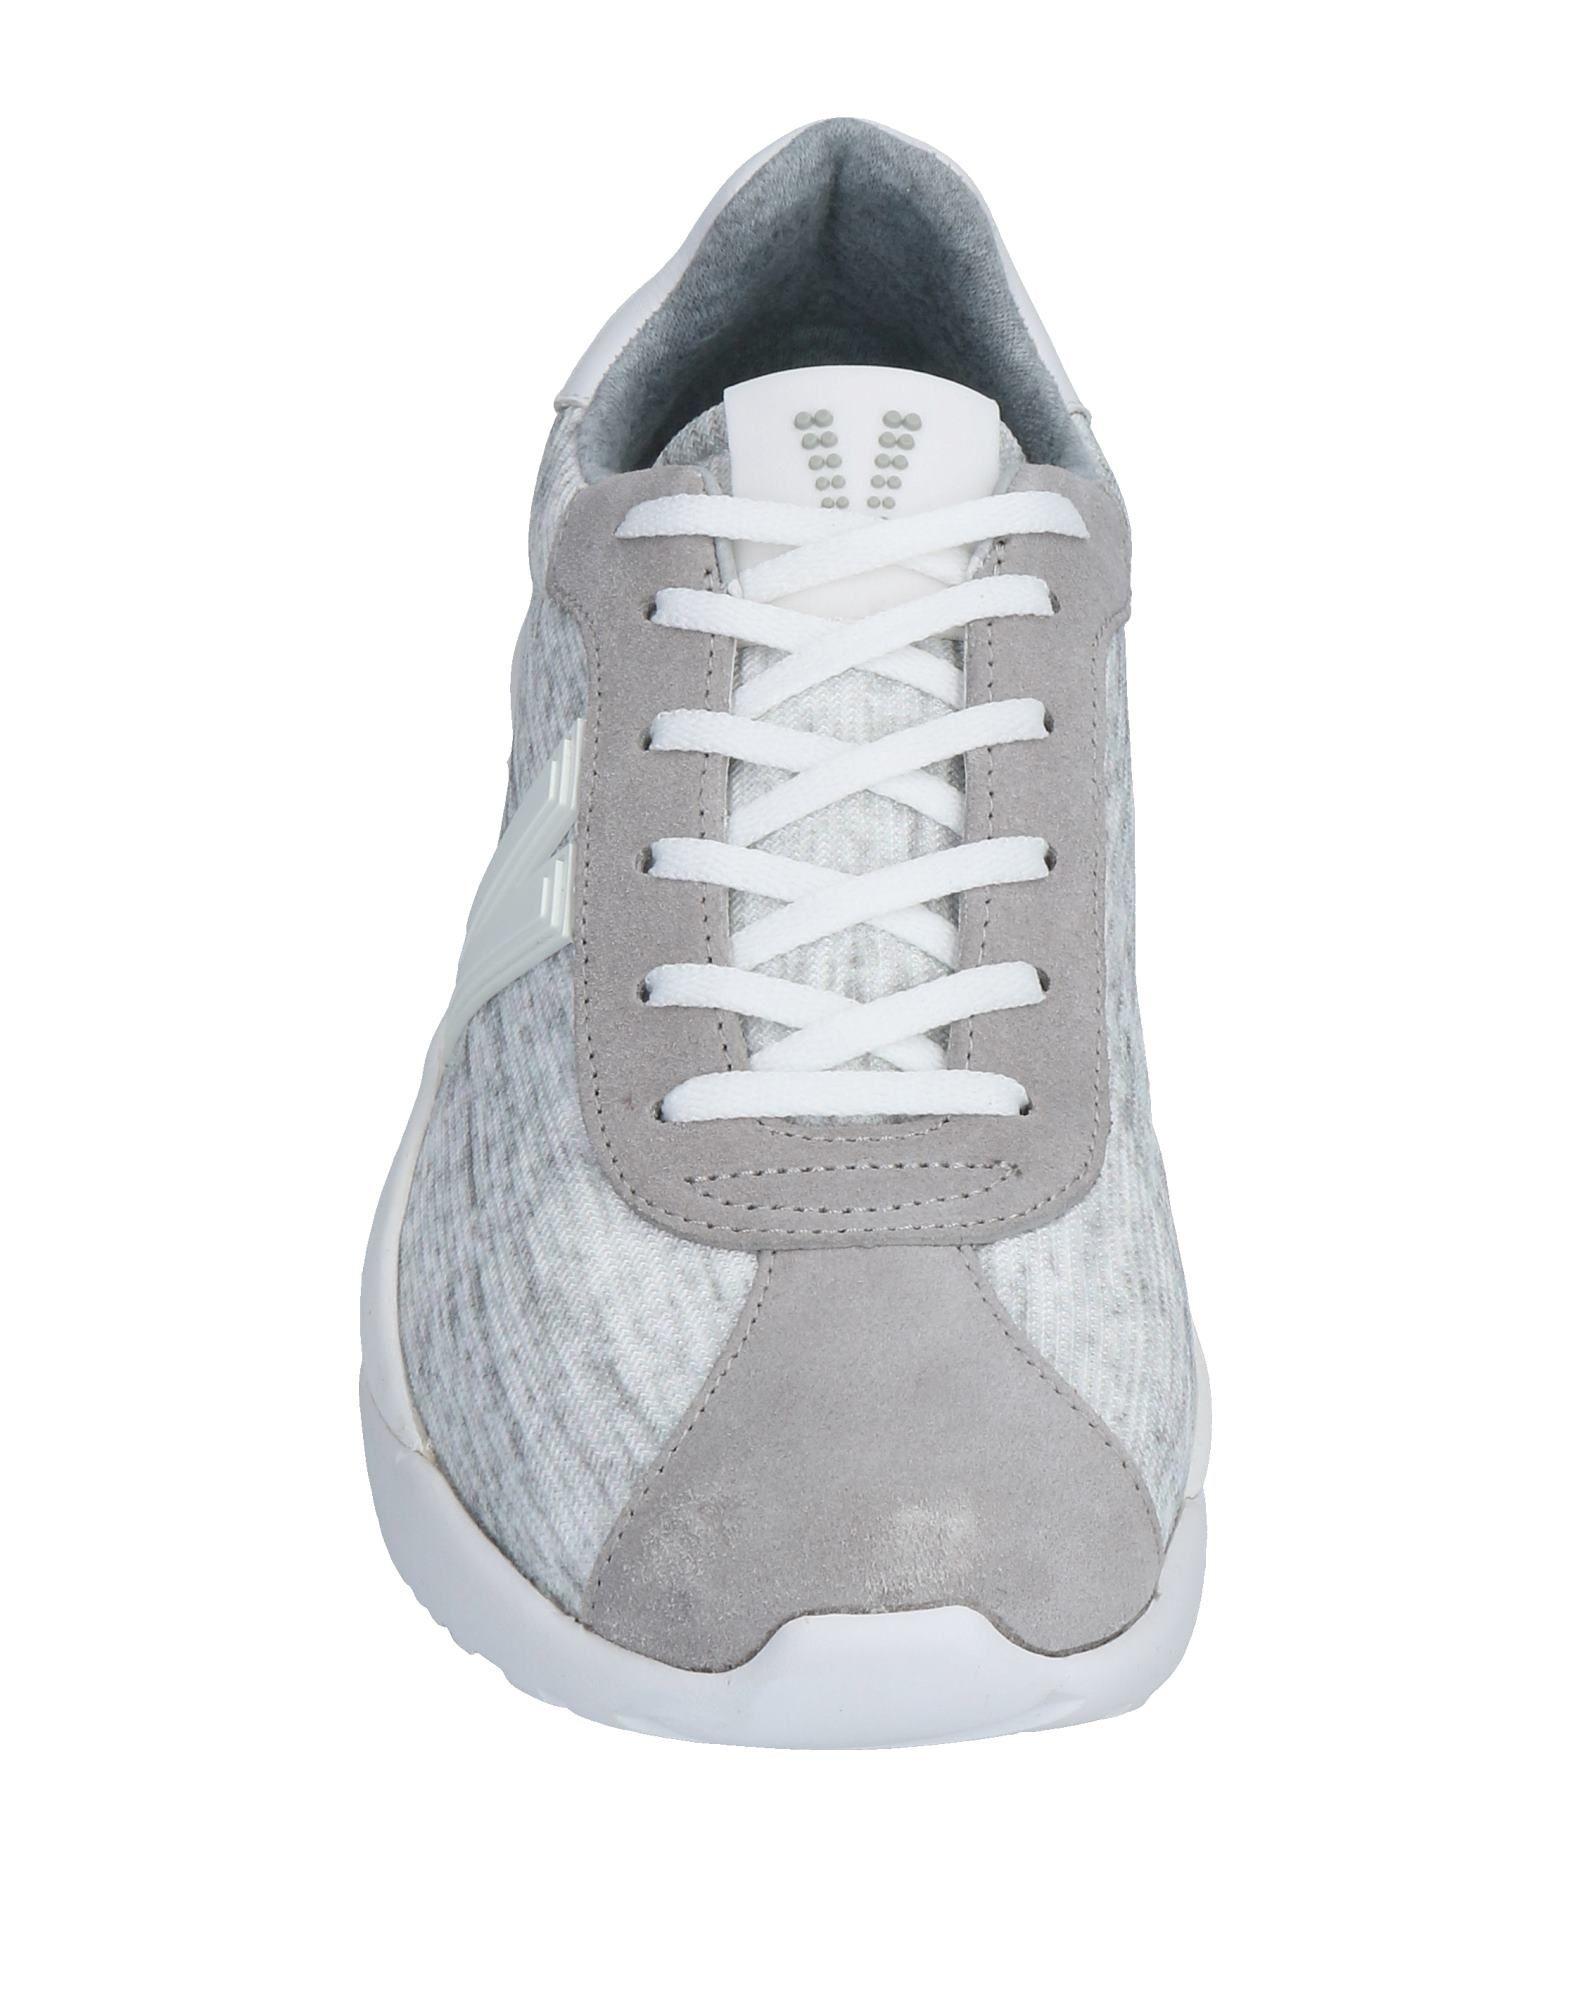 Palestre Virtus Palestre  Sneakers Herren  11467601GQ 0a61f6